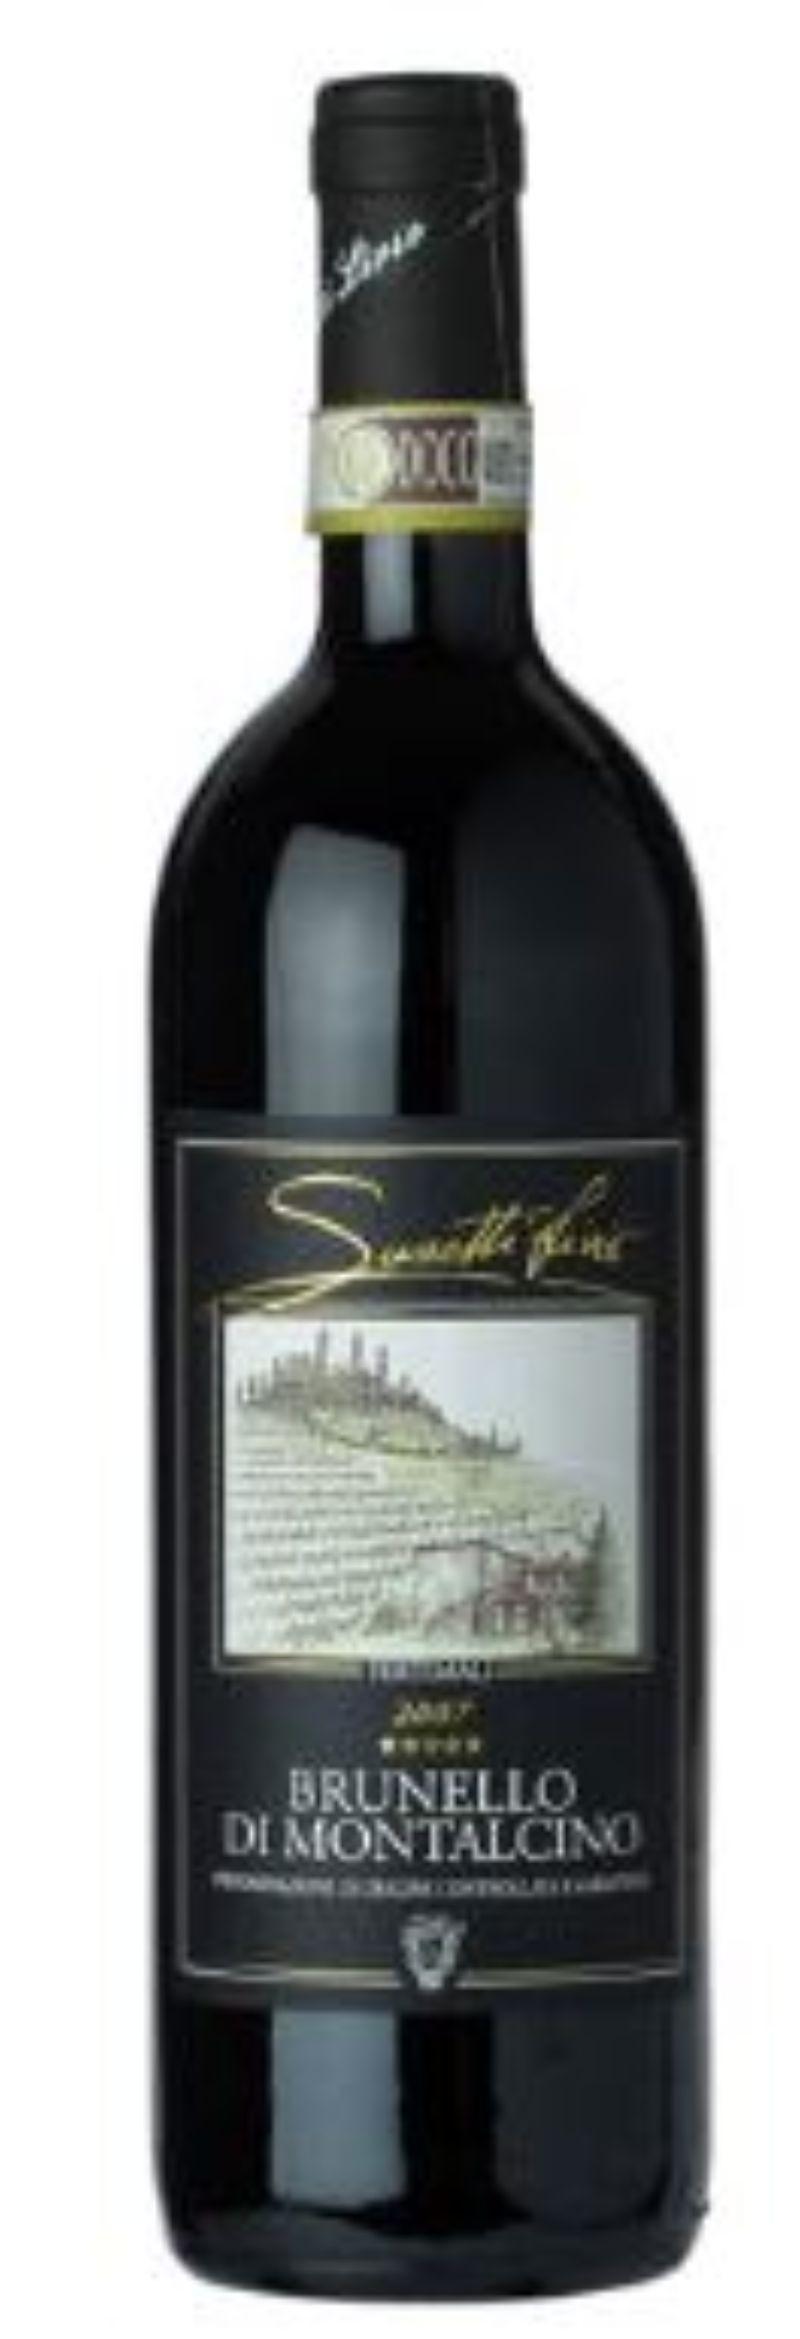 BRUNELLO-DI-MONTALCINO-SASSETTI-1998